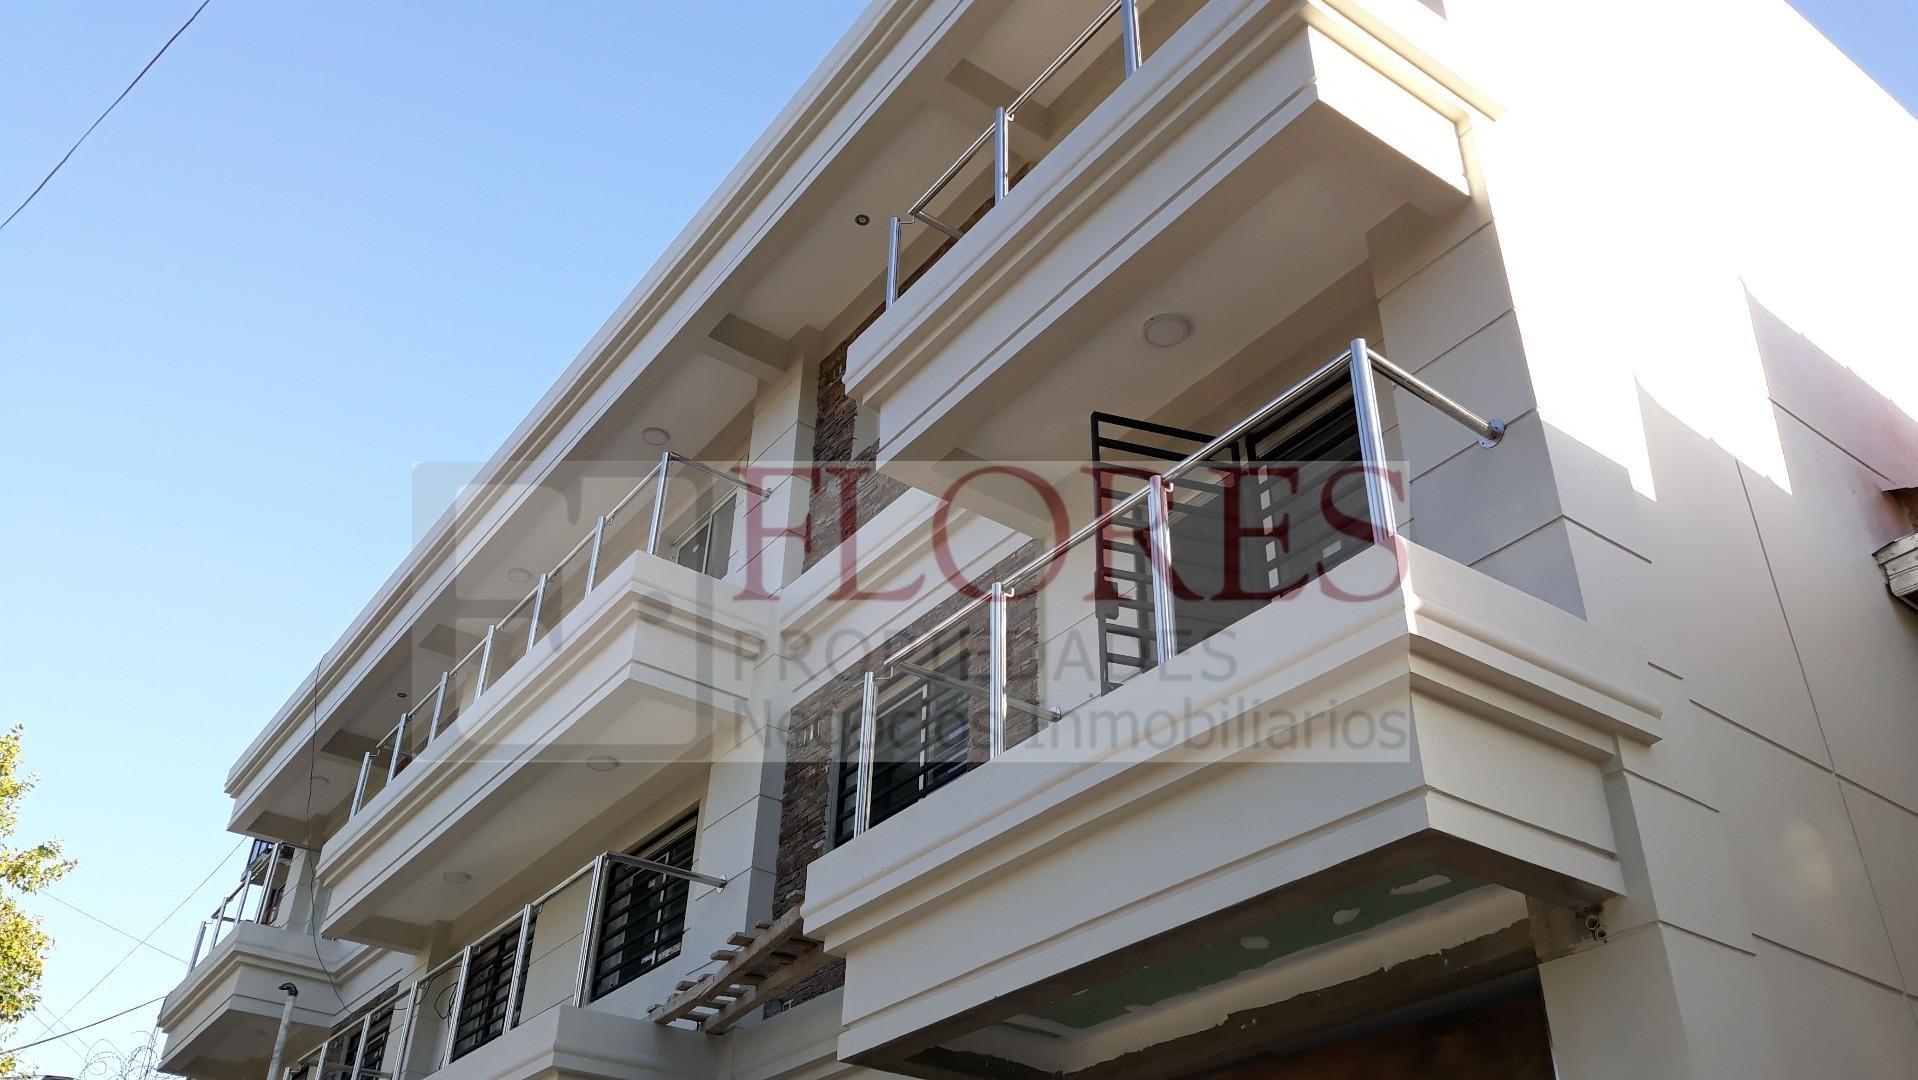 Departamento 2 amb 34.90m2 + PATIO de 13.20m2 u$s78.600- contado  Departamento interno con patio PB